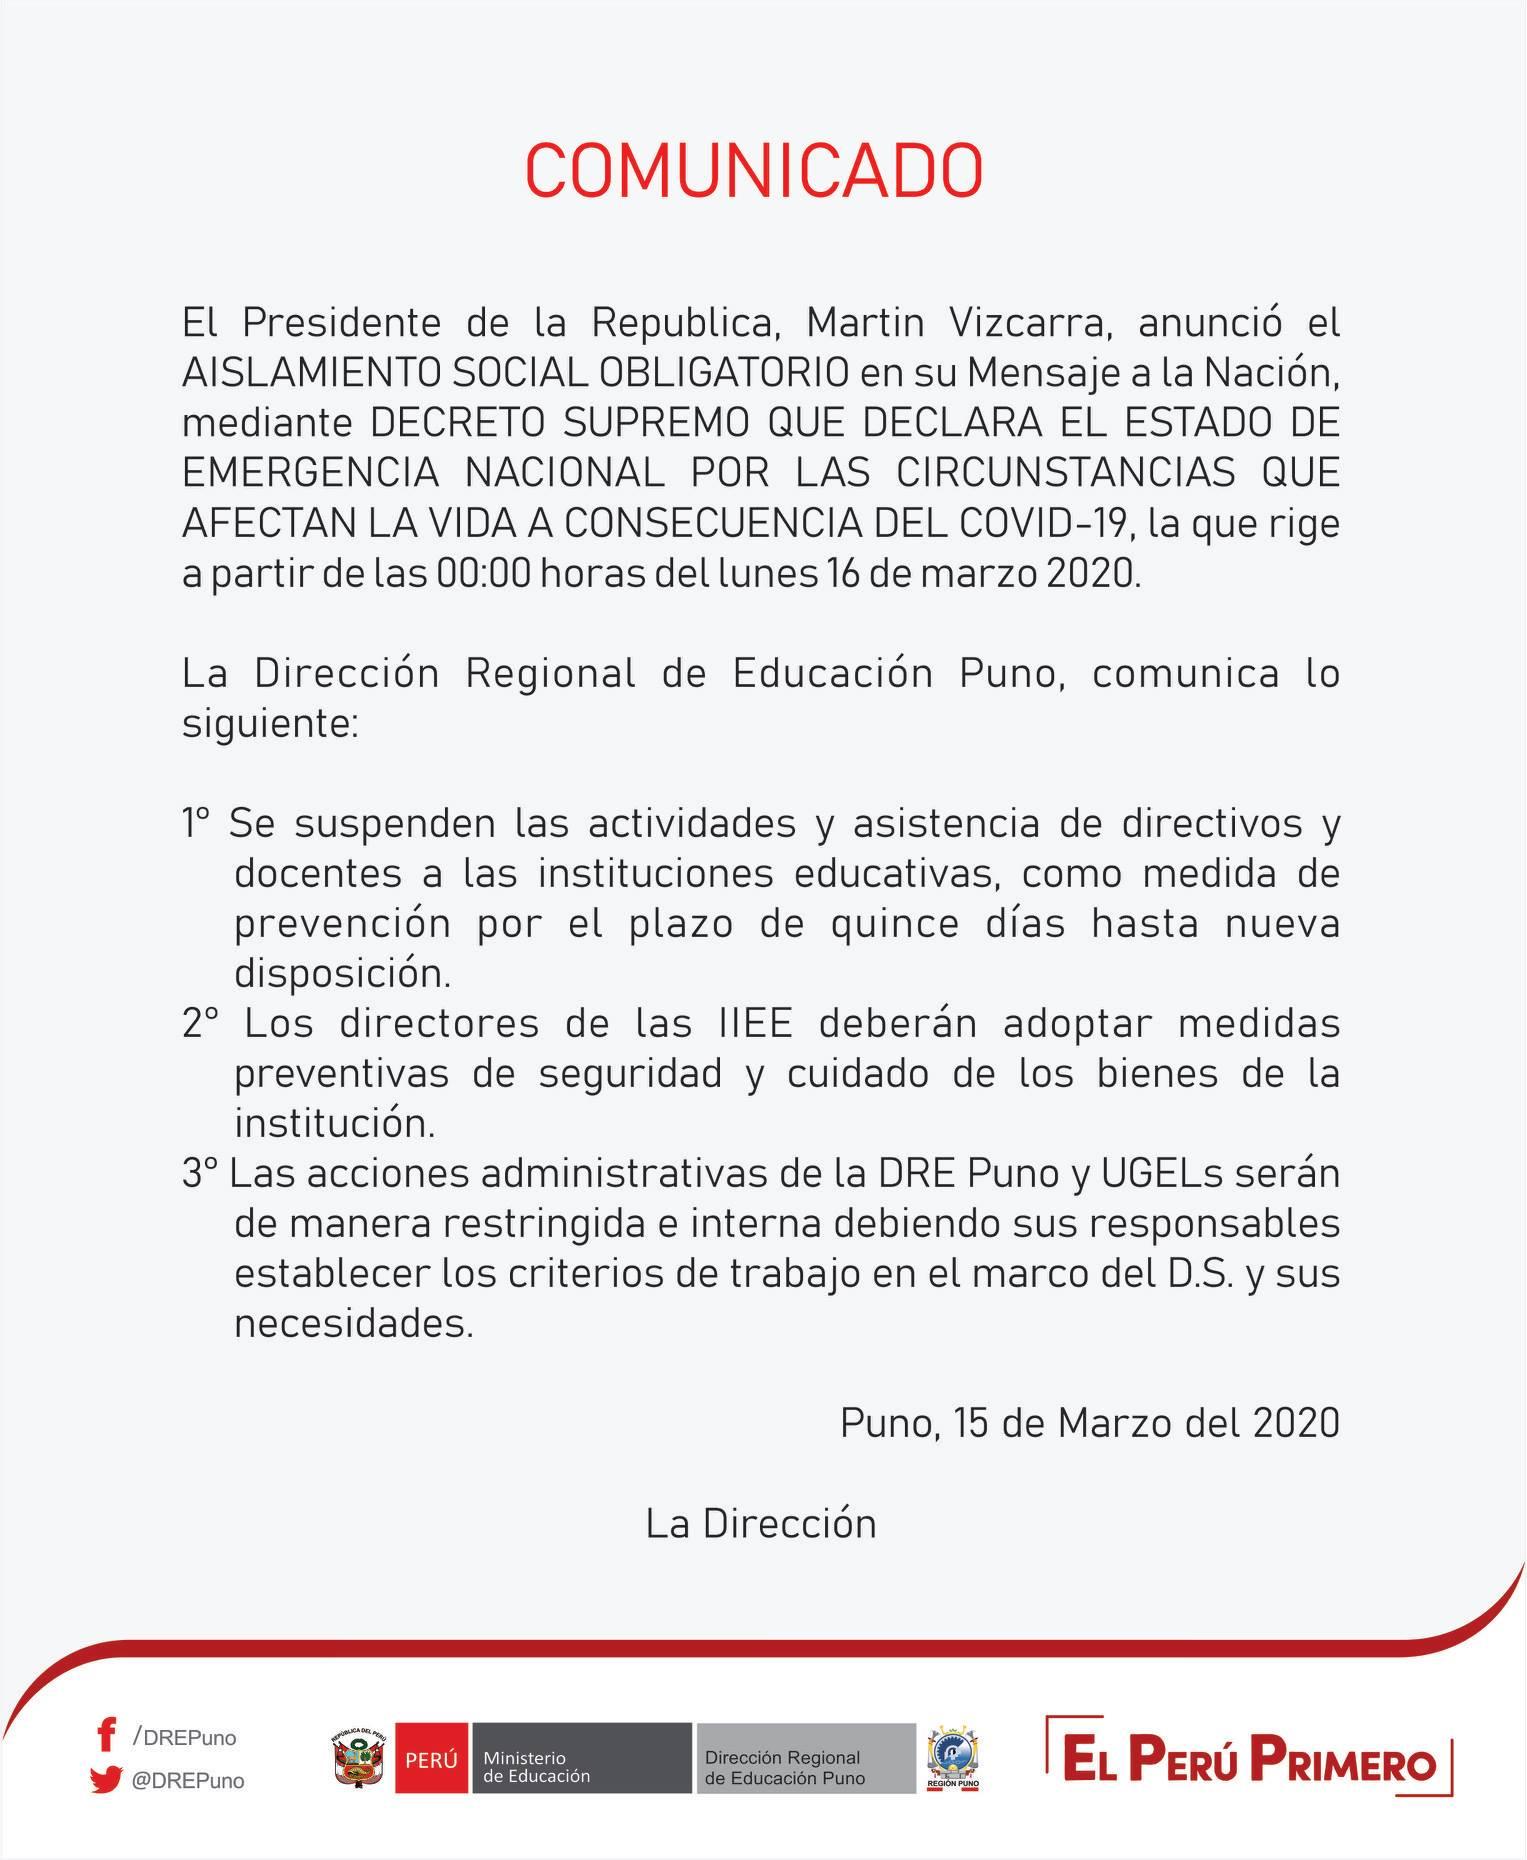 COMUNICADO SOBRE DECLARATORIA DE ESTADO DE EMERGENCIA – DRE PUNO